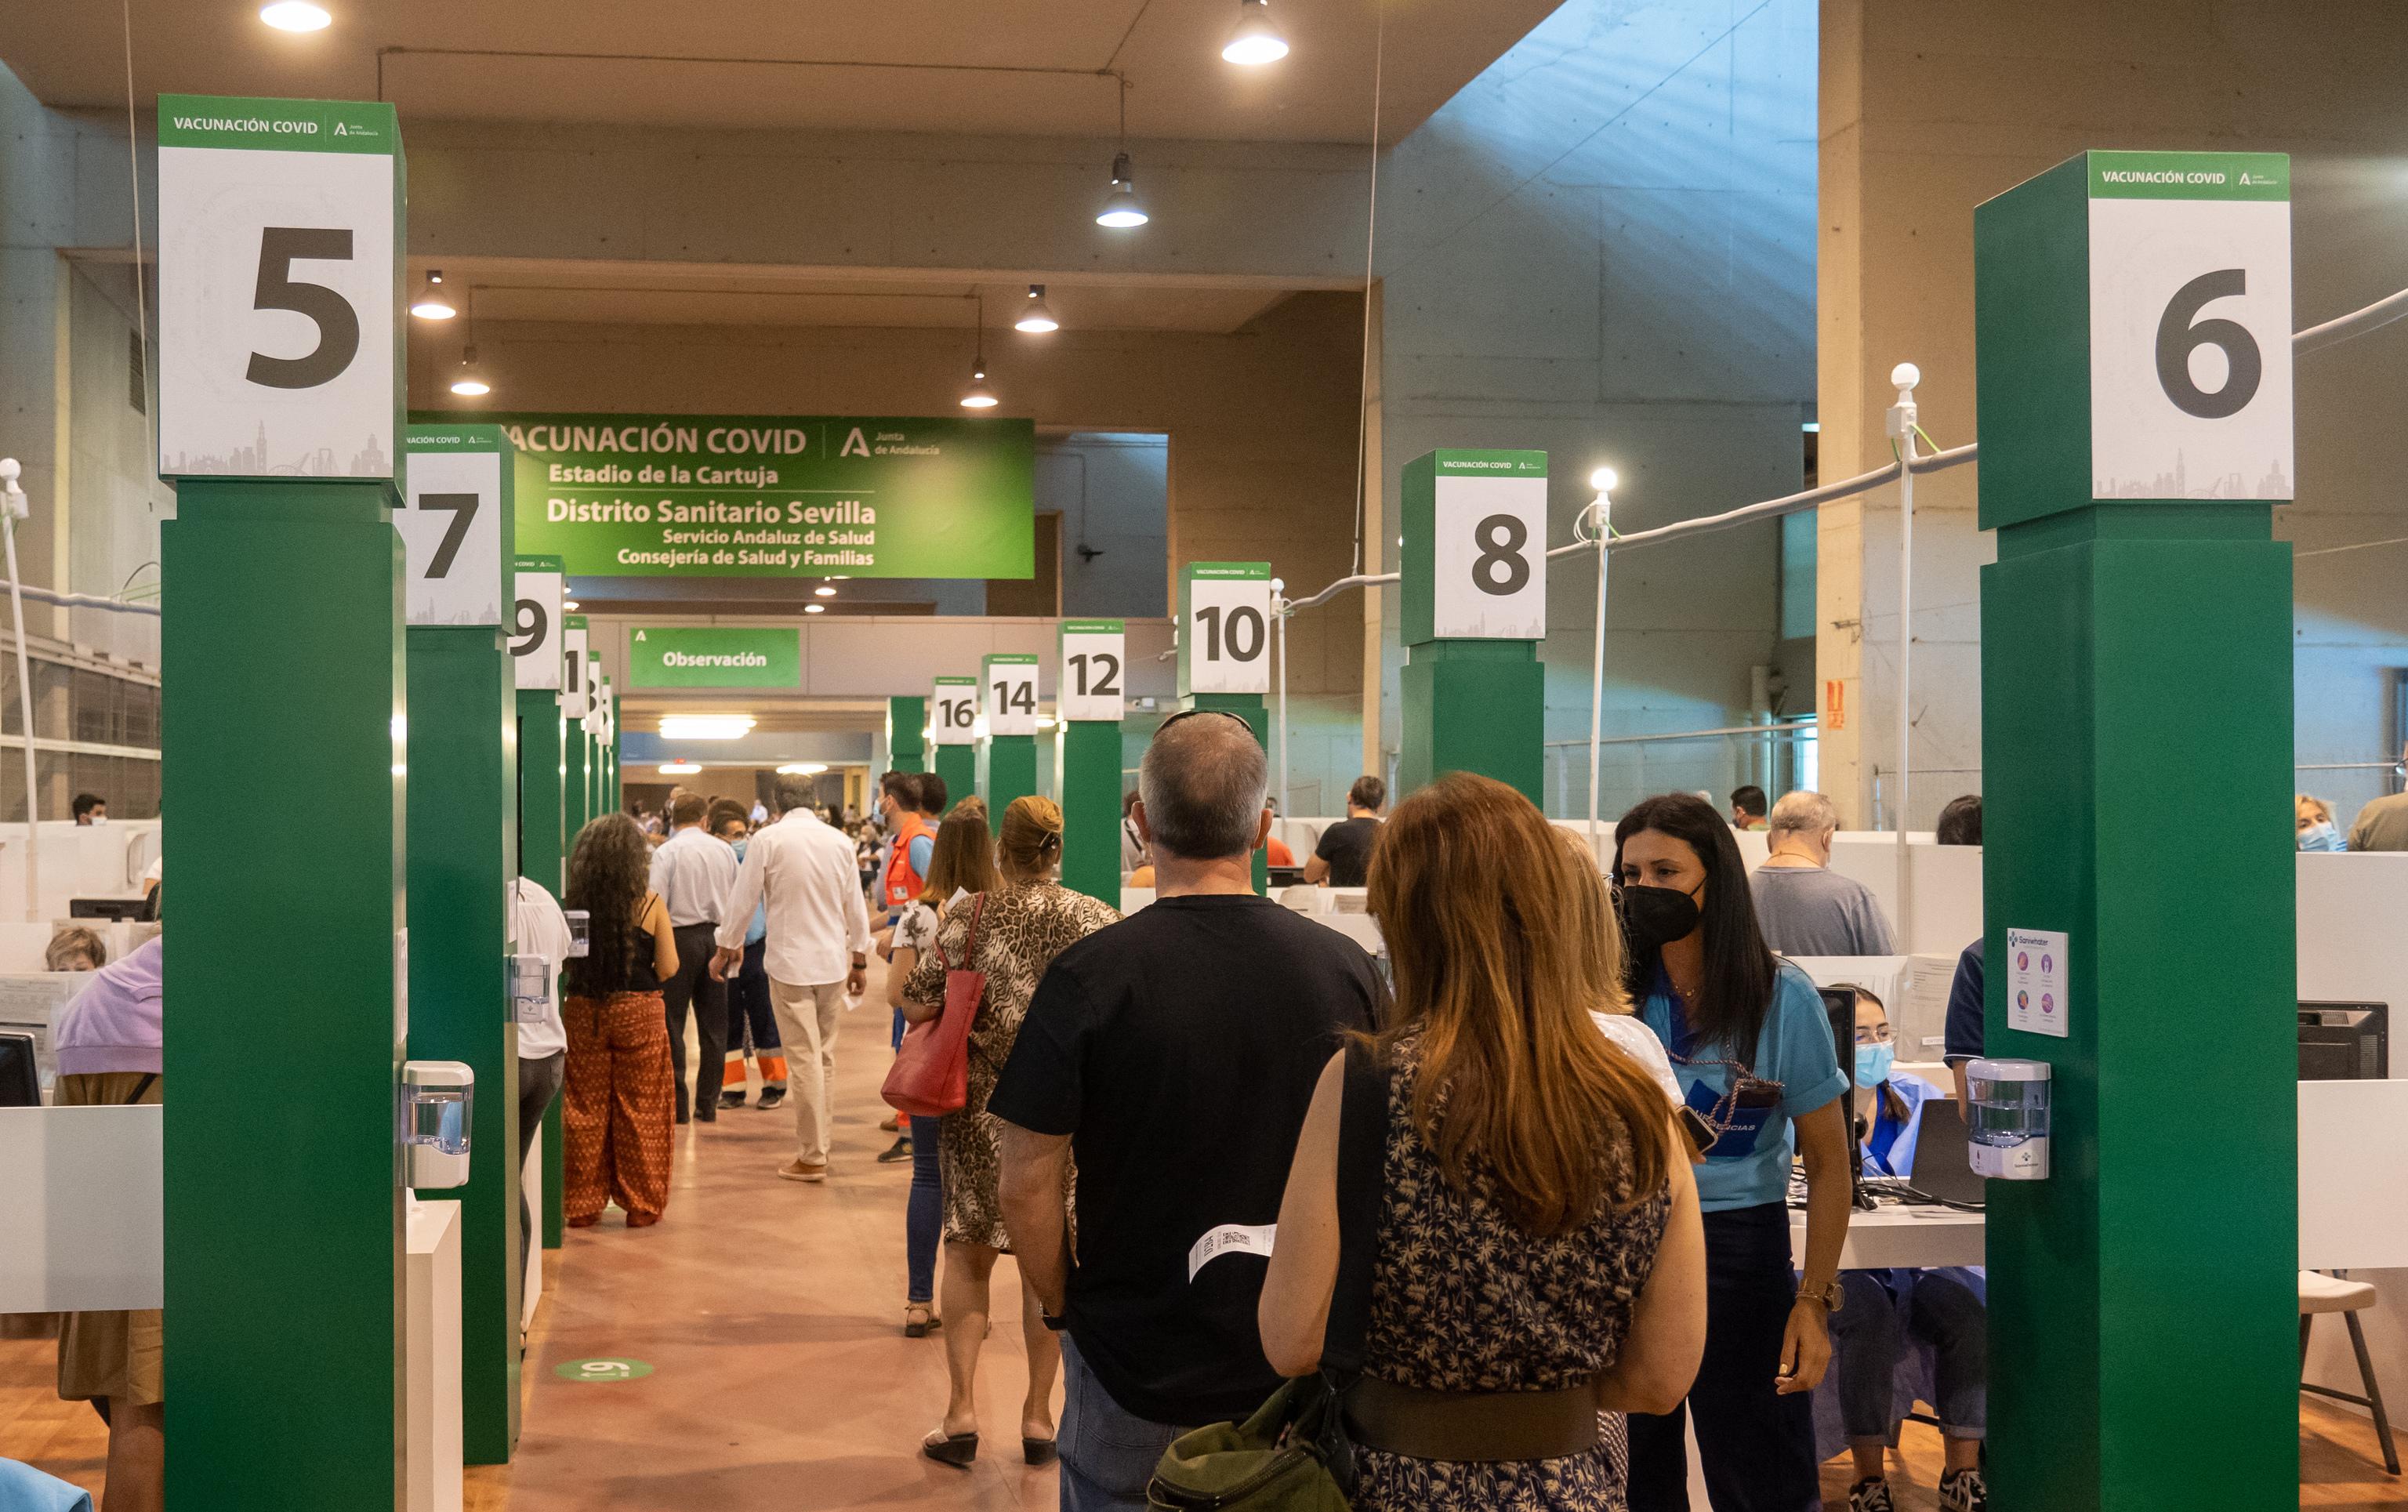 Vacunación contra el coronavirus en el estadio de la Cartuja de Sevilla.